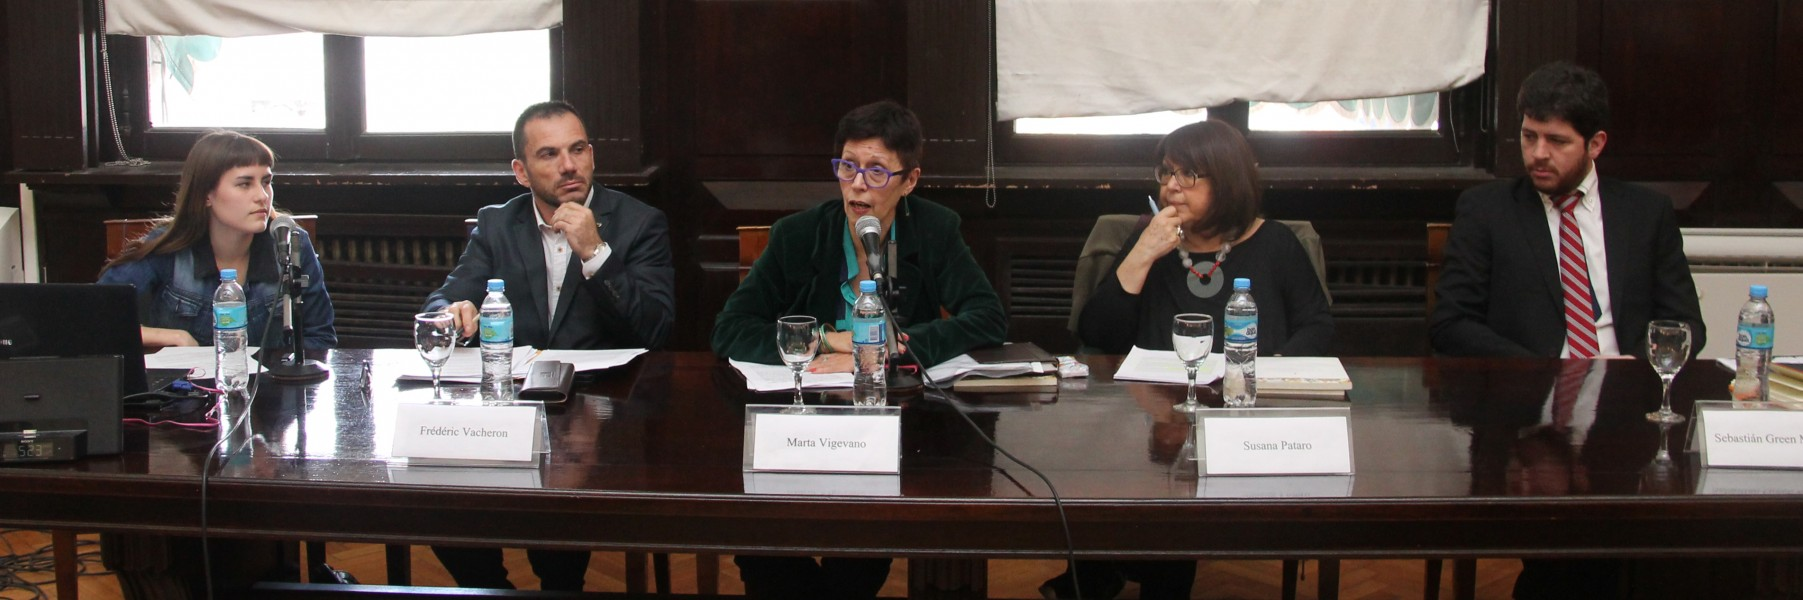 Lucía Belén Araque, Frederic Vacheron, Marta Vigevano, Susana Pataro y Sebastián Green Martínez